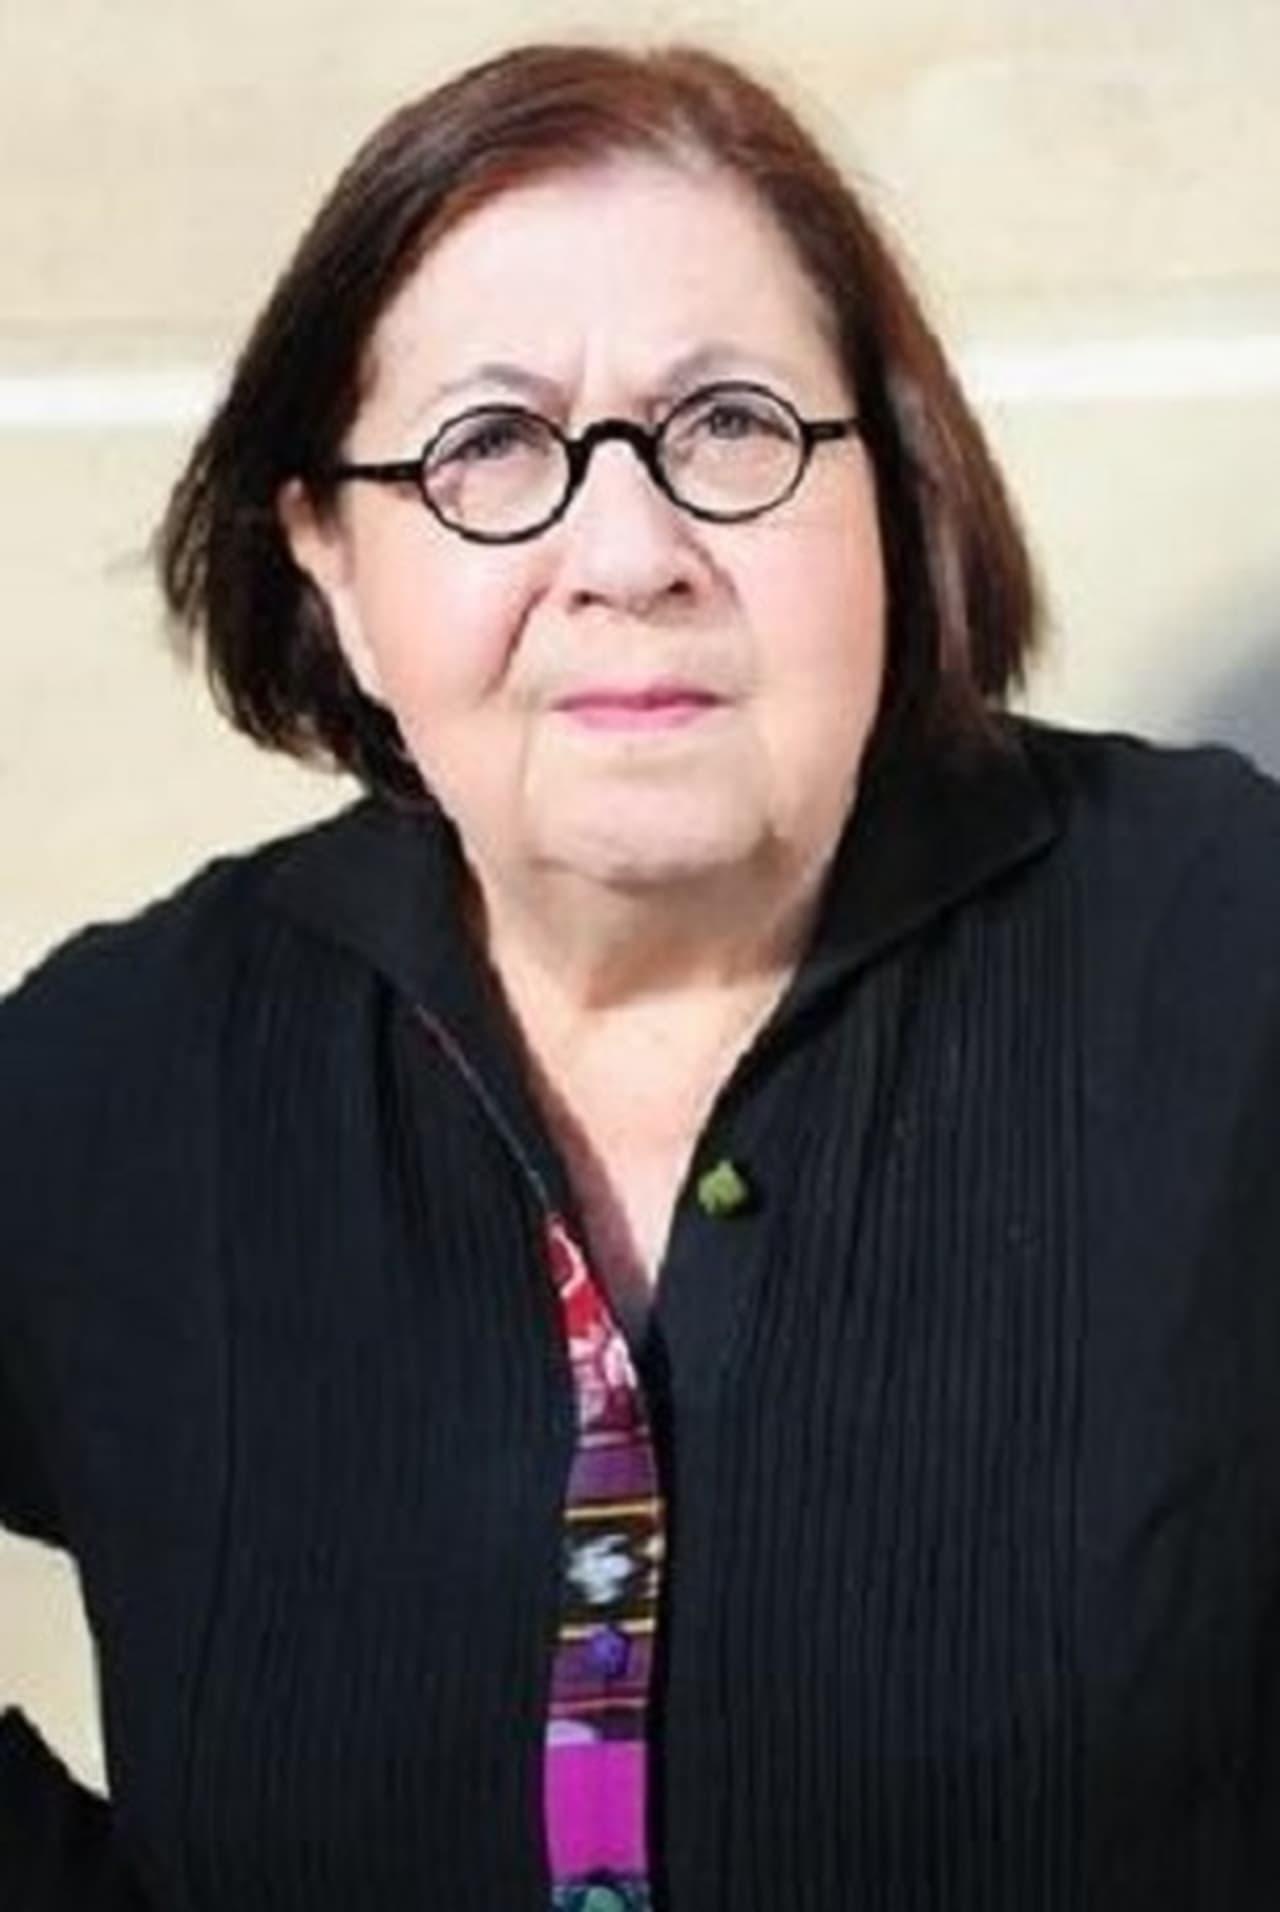 Annie Savarin